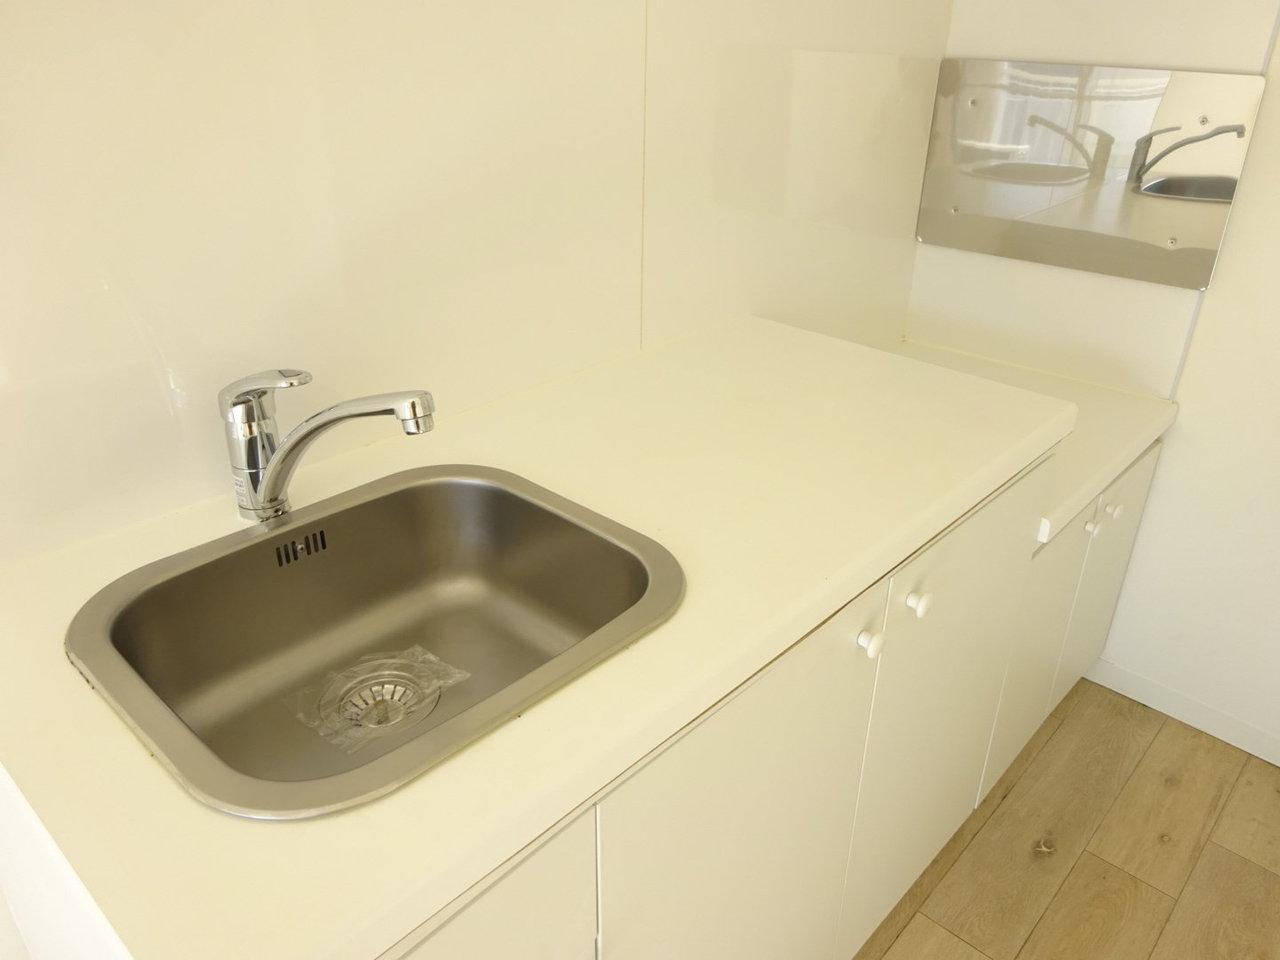 真っ白なキッチン。ガスコンロは持ち込み可能です。最近はおしゃれで機能的なガスコンロもあるので、いろいろ探してみてもいいかも。